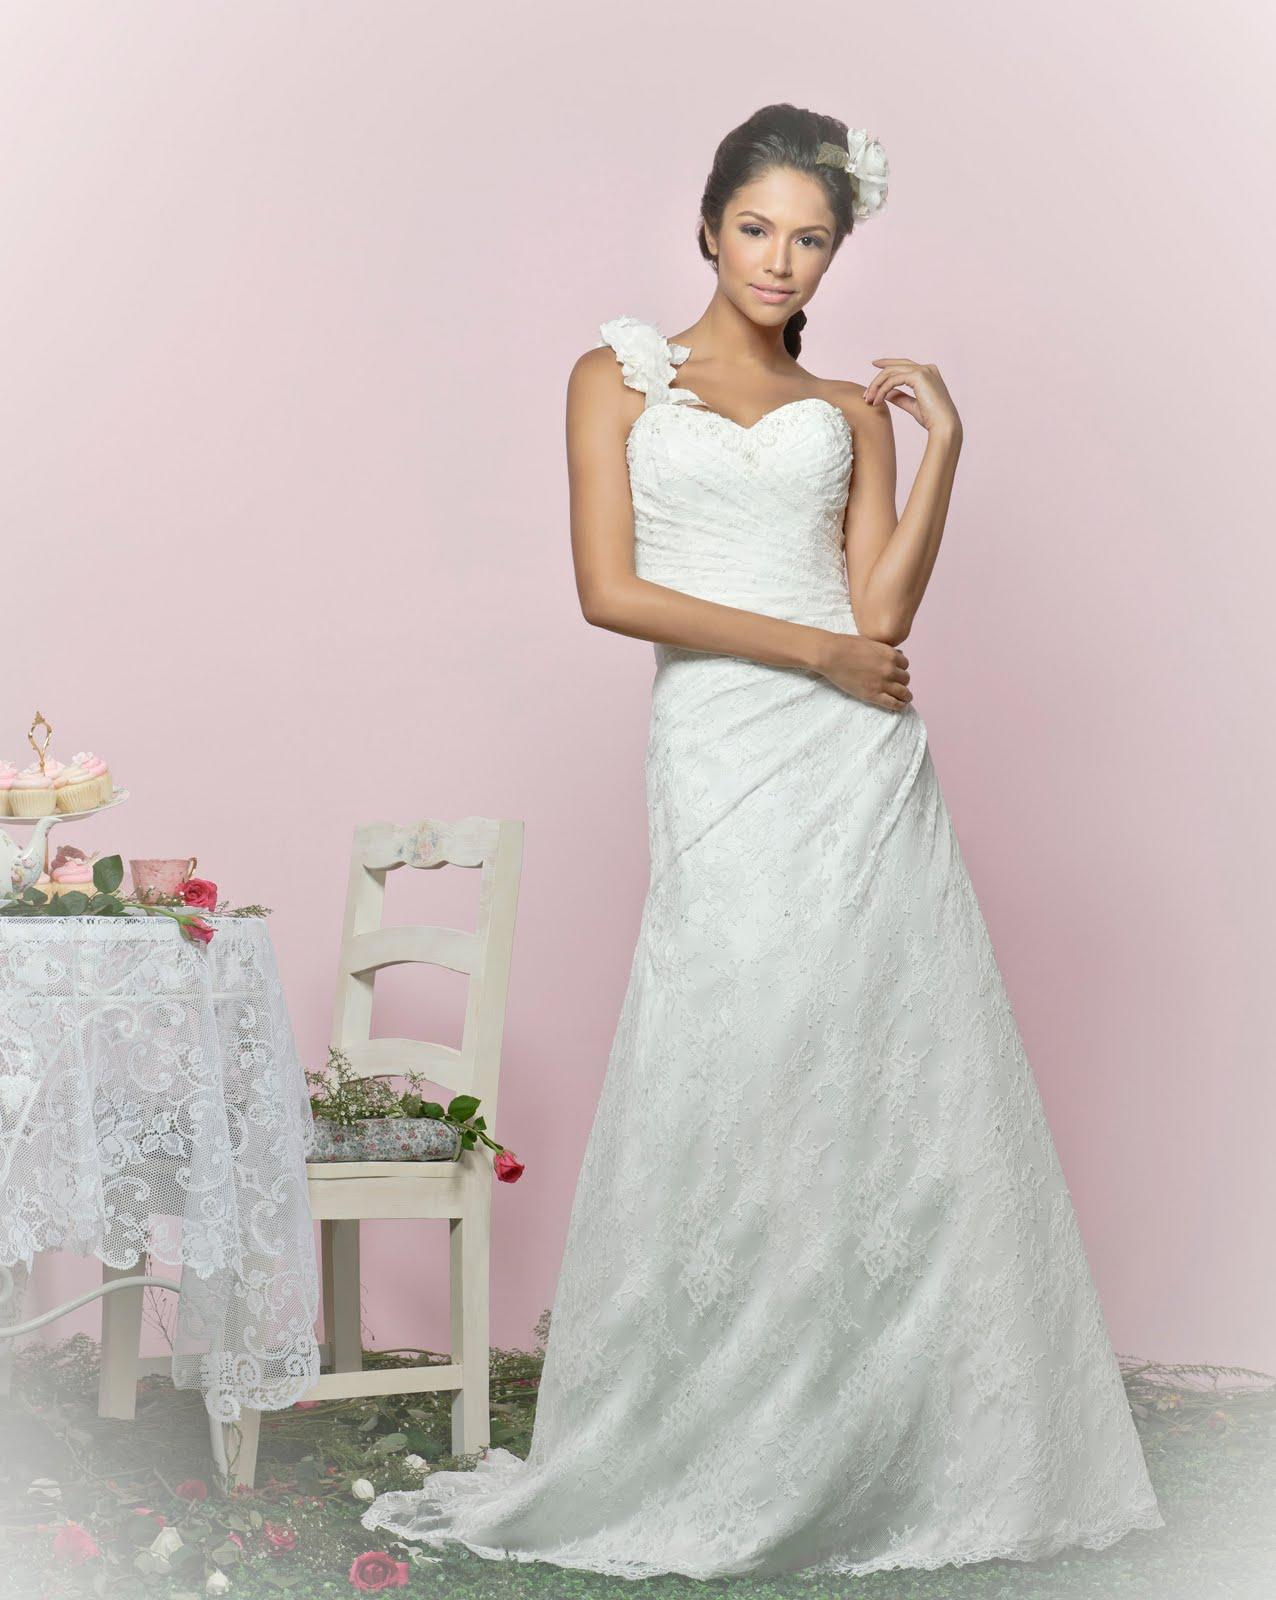 Charlotte Balbier - The Goddess of Bridal: September 2010